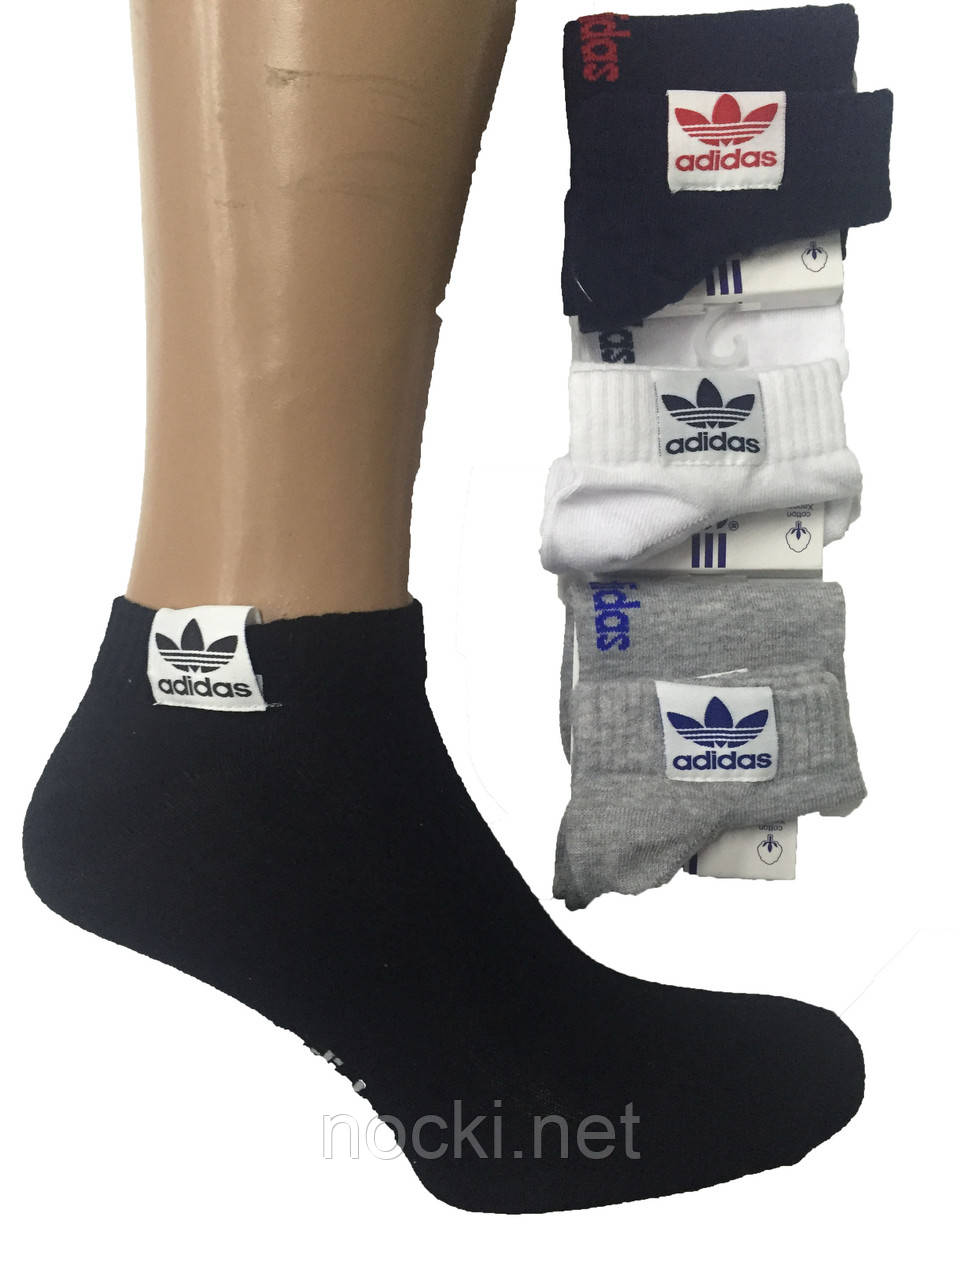 684b8a1e38c3 Носки мужские хлопок спорт низкие укороченные Adidas(Адидас) пр-во Турция